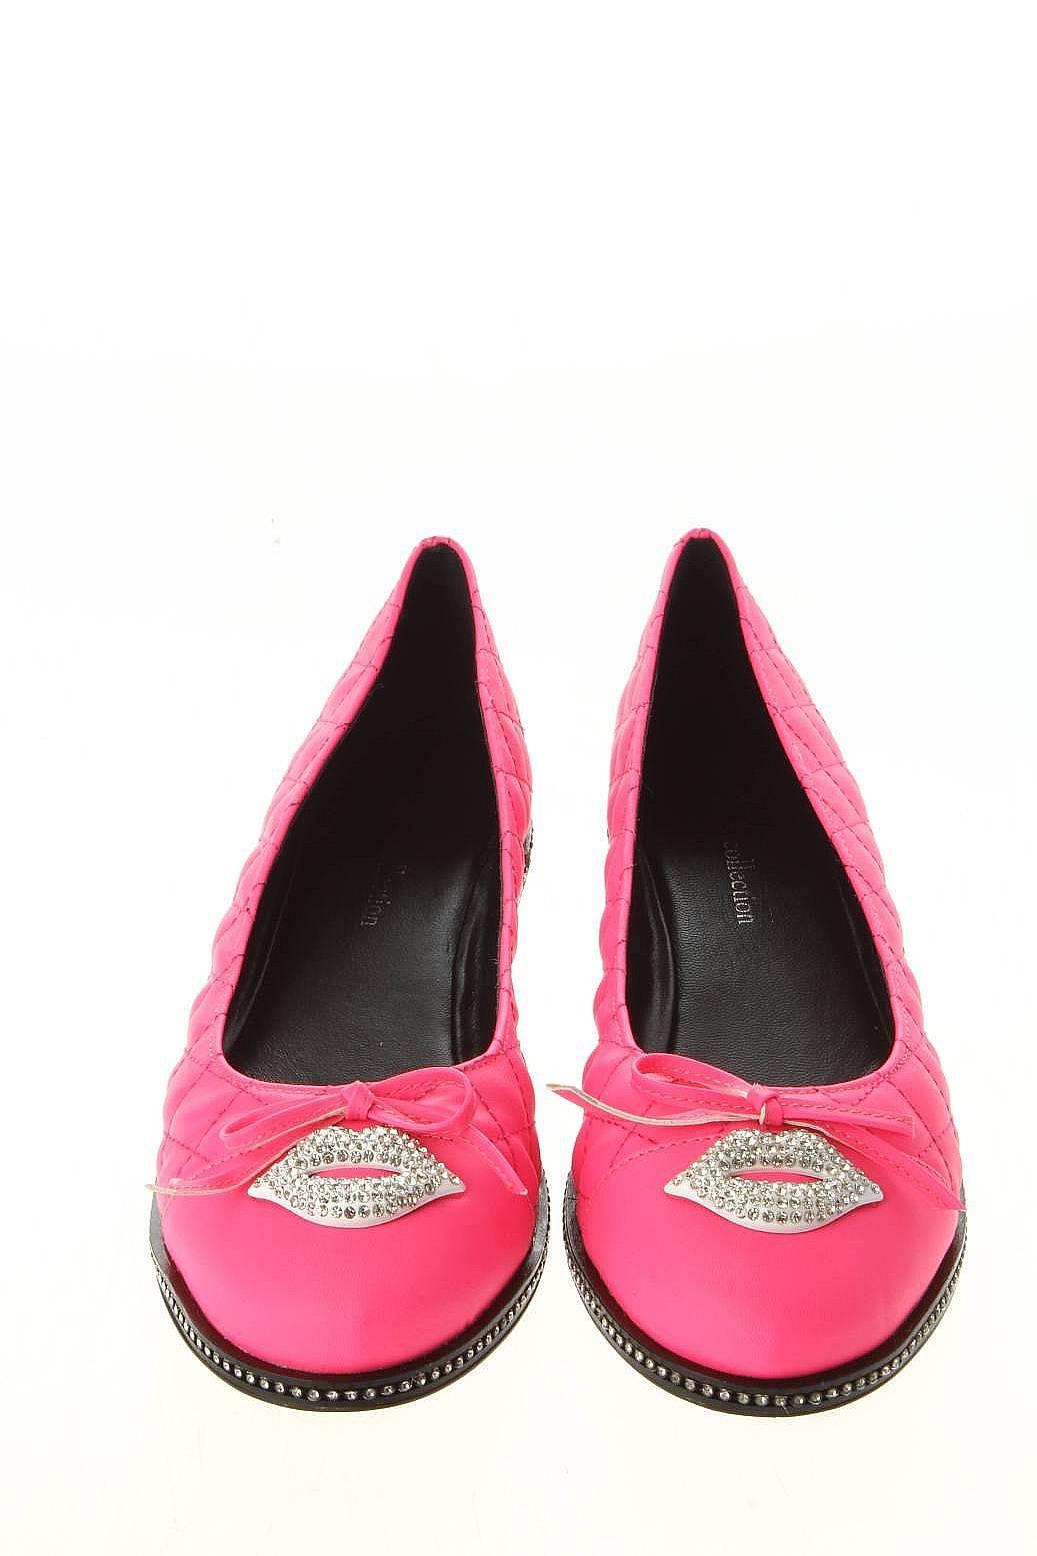 Мужская Обувь Детская Обувь Женская Обувь Балетки: LK COLLECTION Обувь